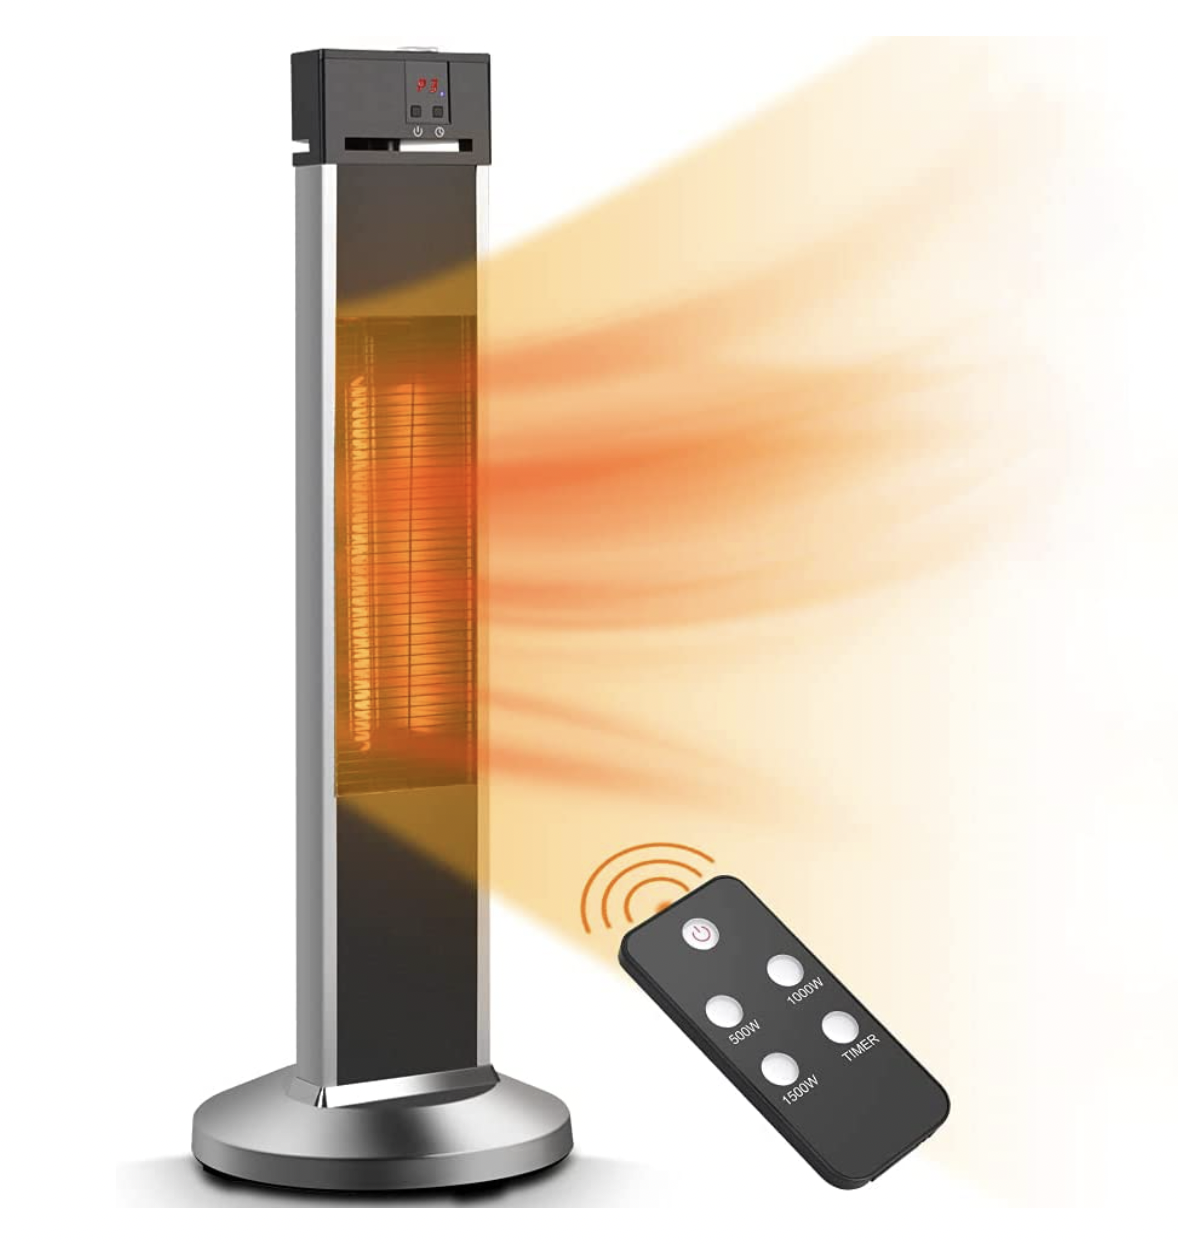 Patio Heater-Trustech Space Heater